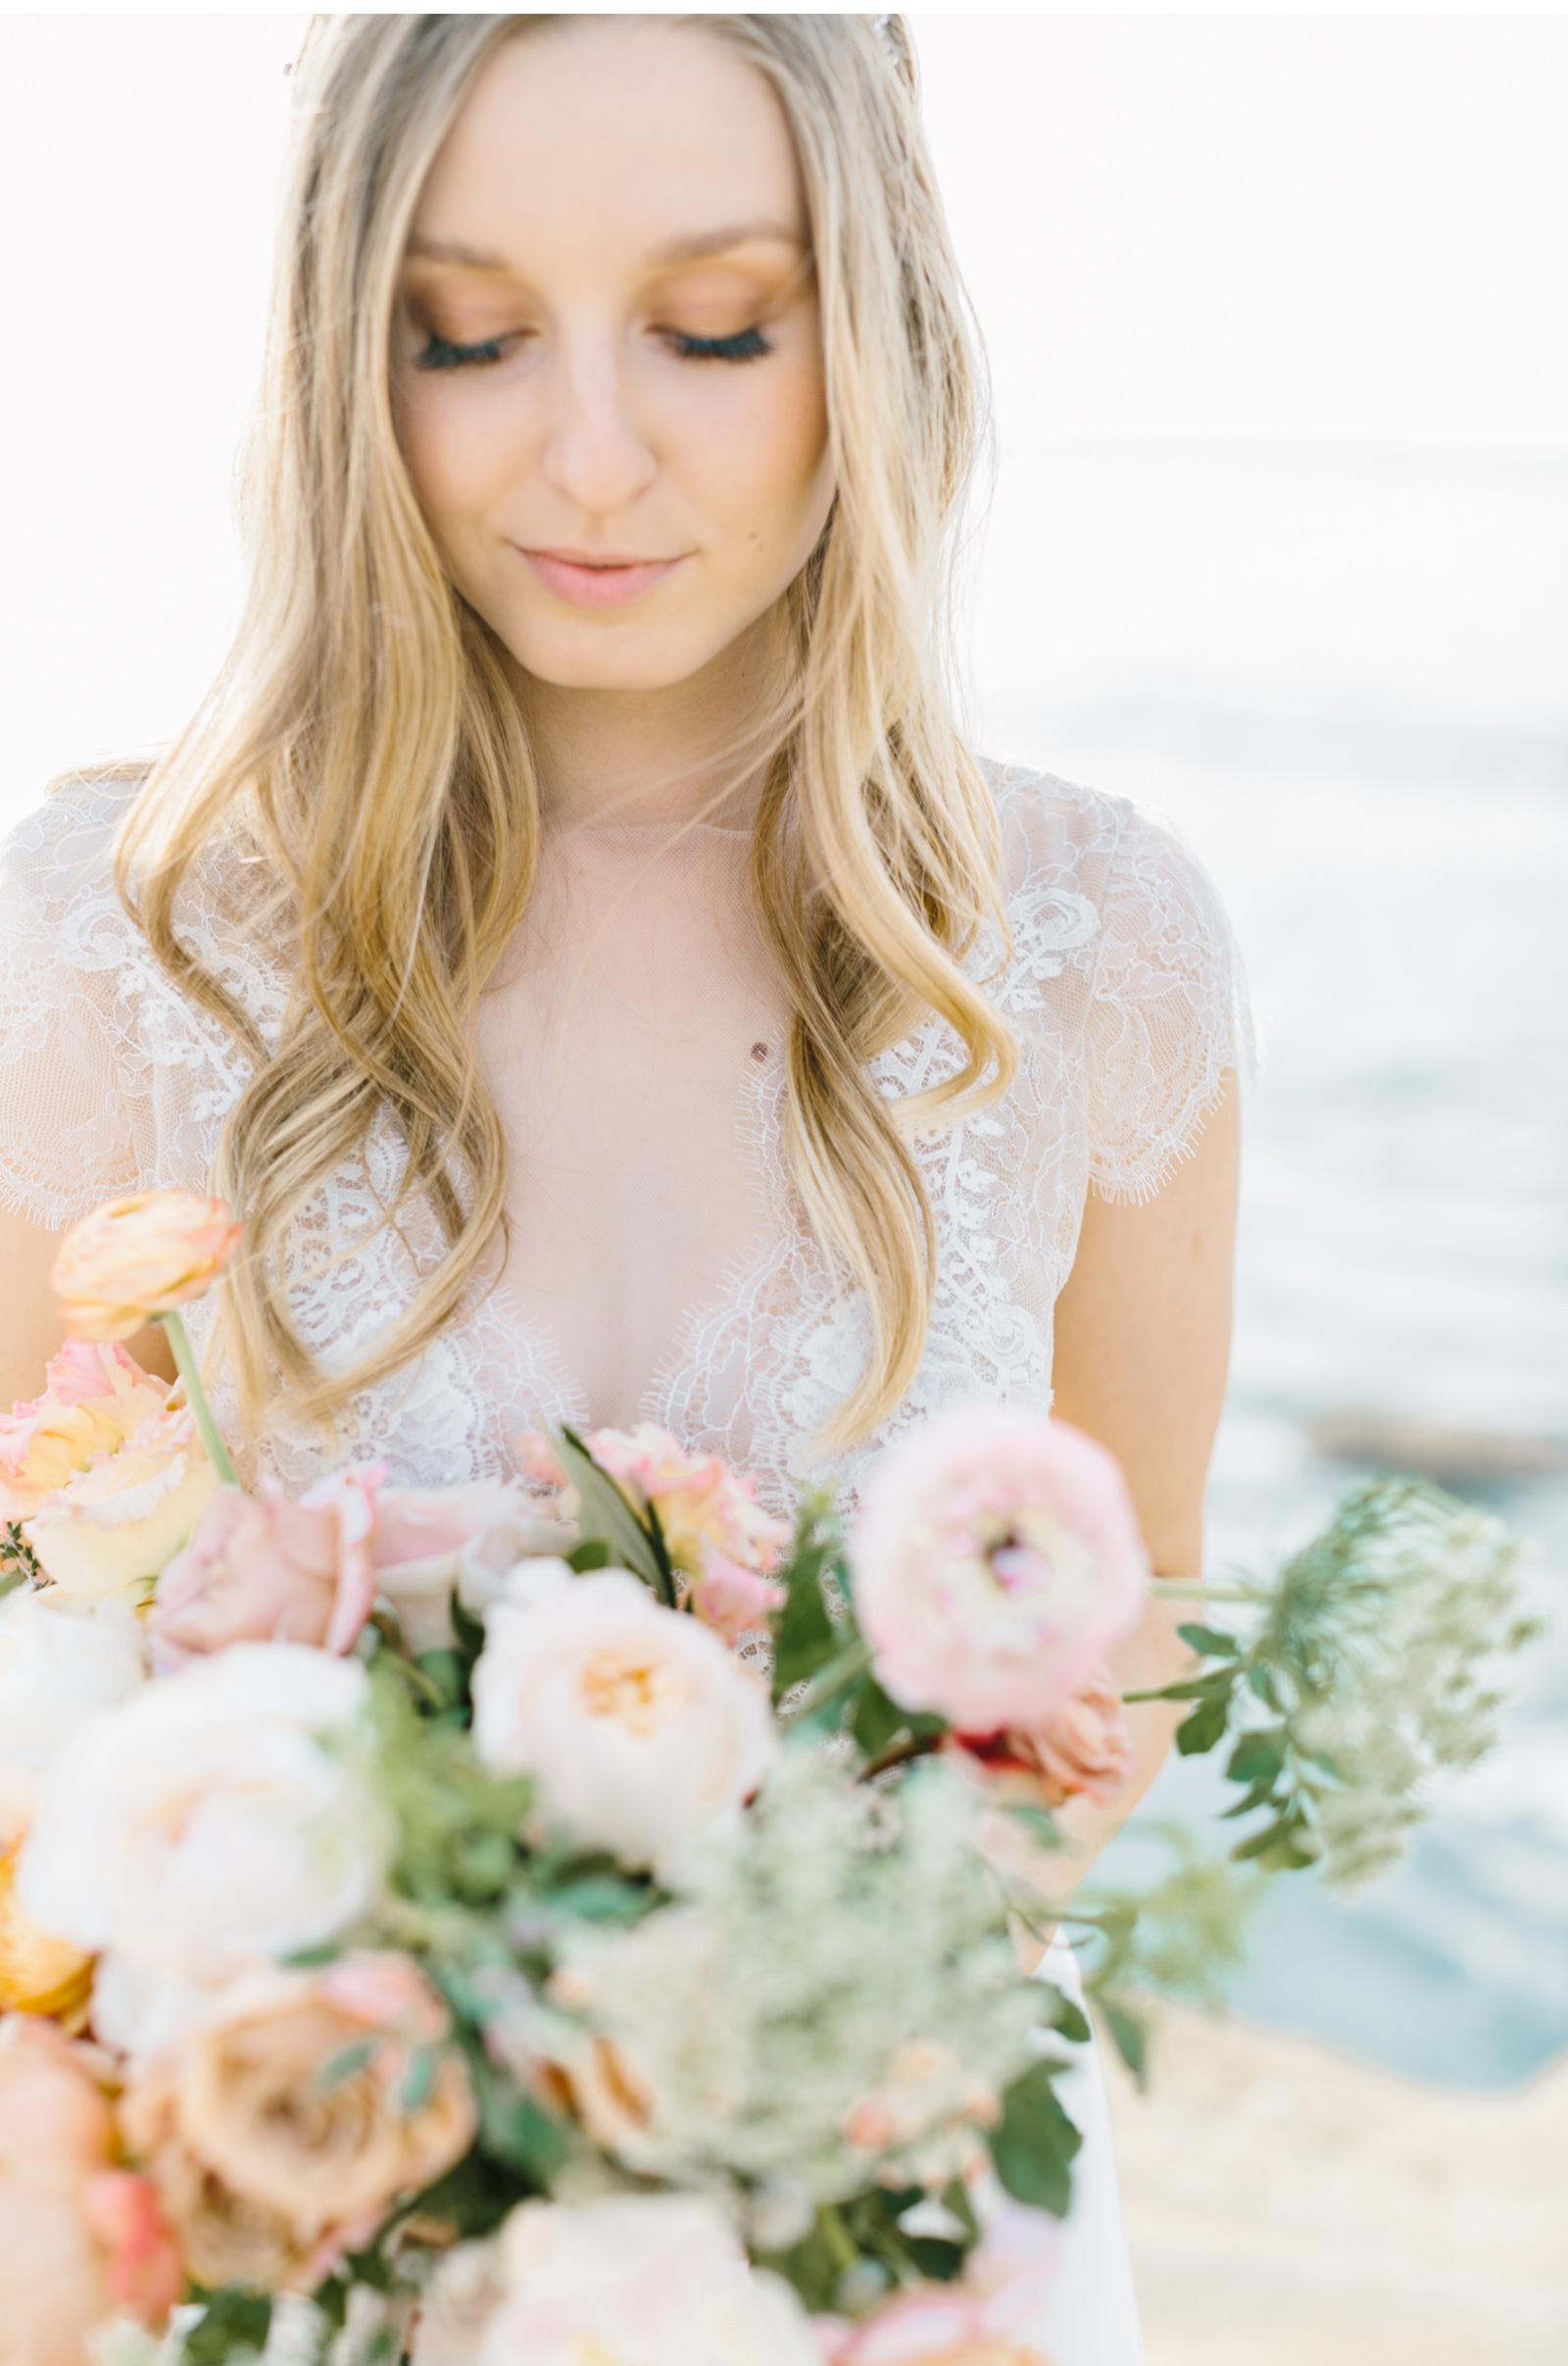 San-Clemente-Wedding-Photographer-Hawaii-Natalie-Schutt-Photography_09.jpg